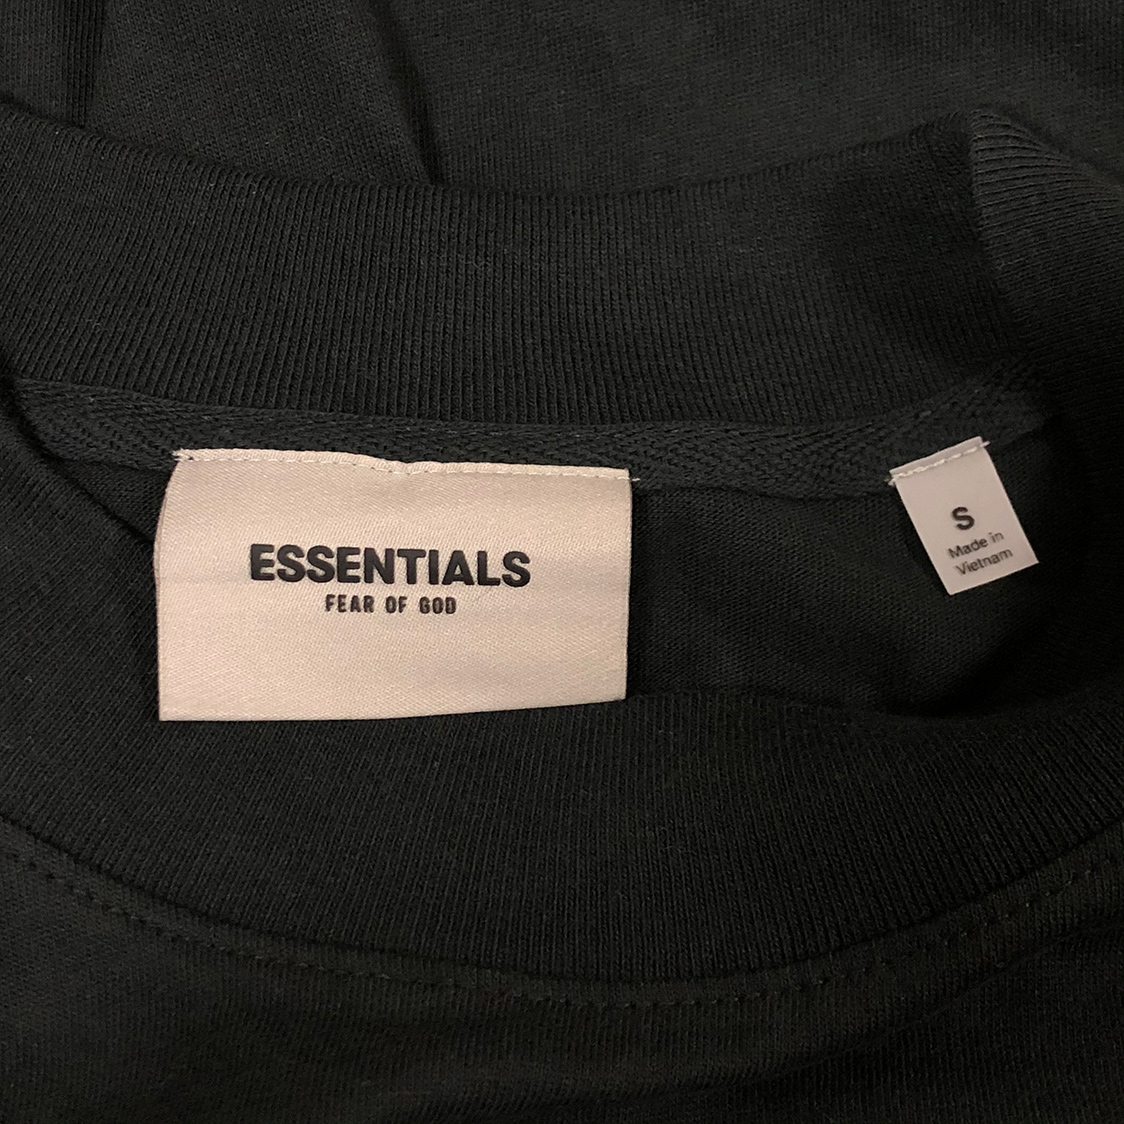 2020新作 新品 FOG Fear Of God Essentials フェアオブゴッド エッセンシャルズ 【Sサイズ】 LOGO ロンT 長袖Tシャツ エッセンシャル BLACK ブラック フォグ